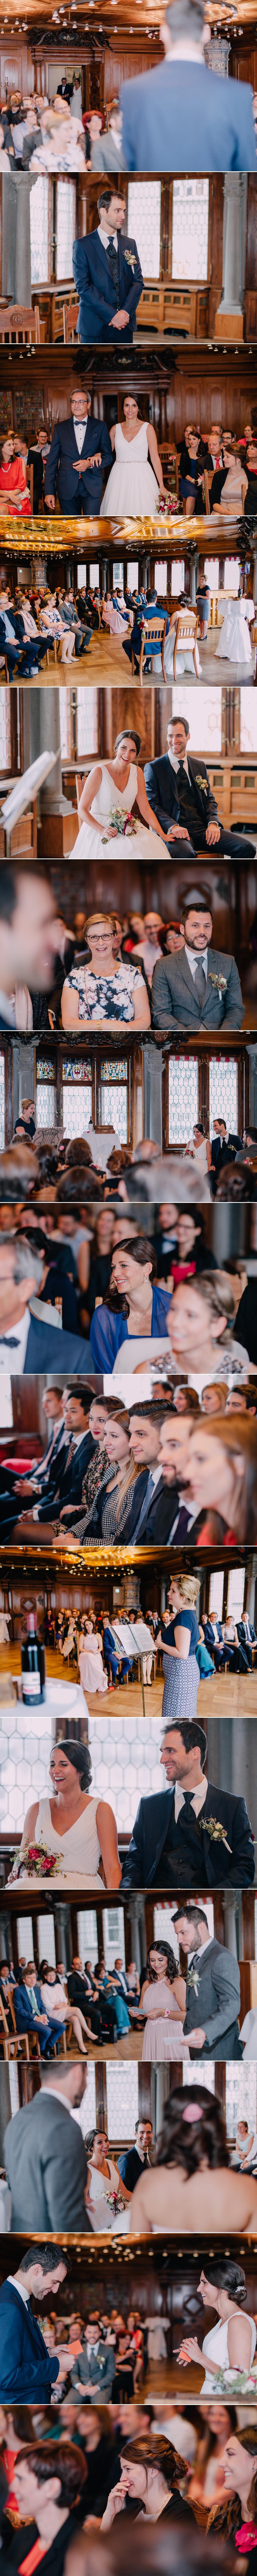 Hochzeit im Zunfthaus zur Zimmerleuten in Zürich